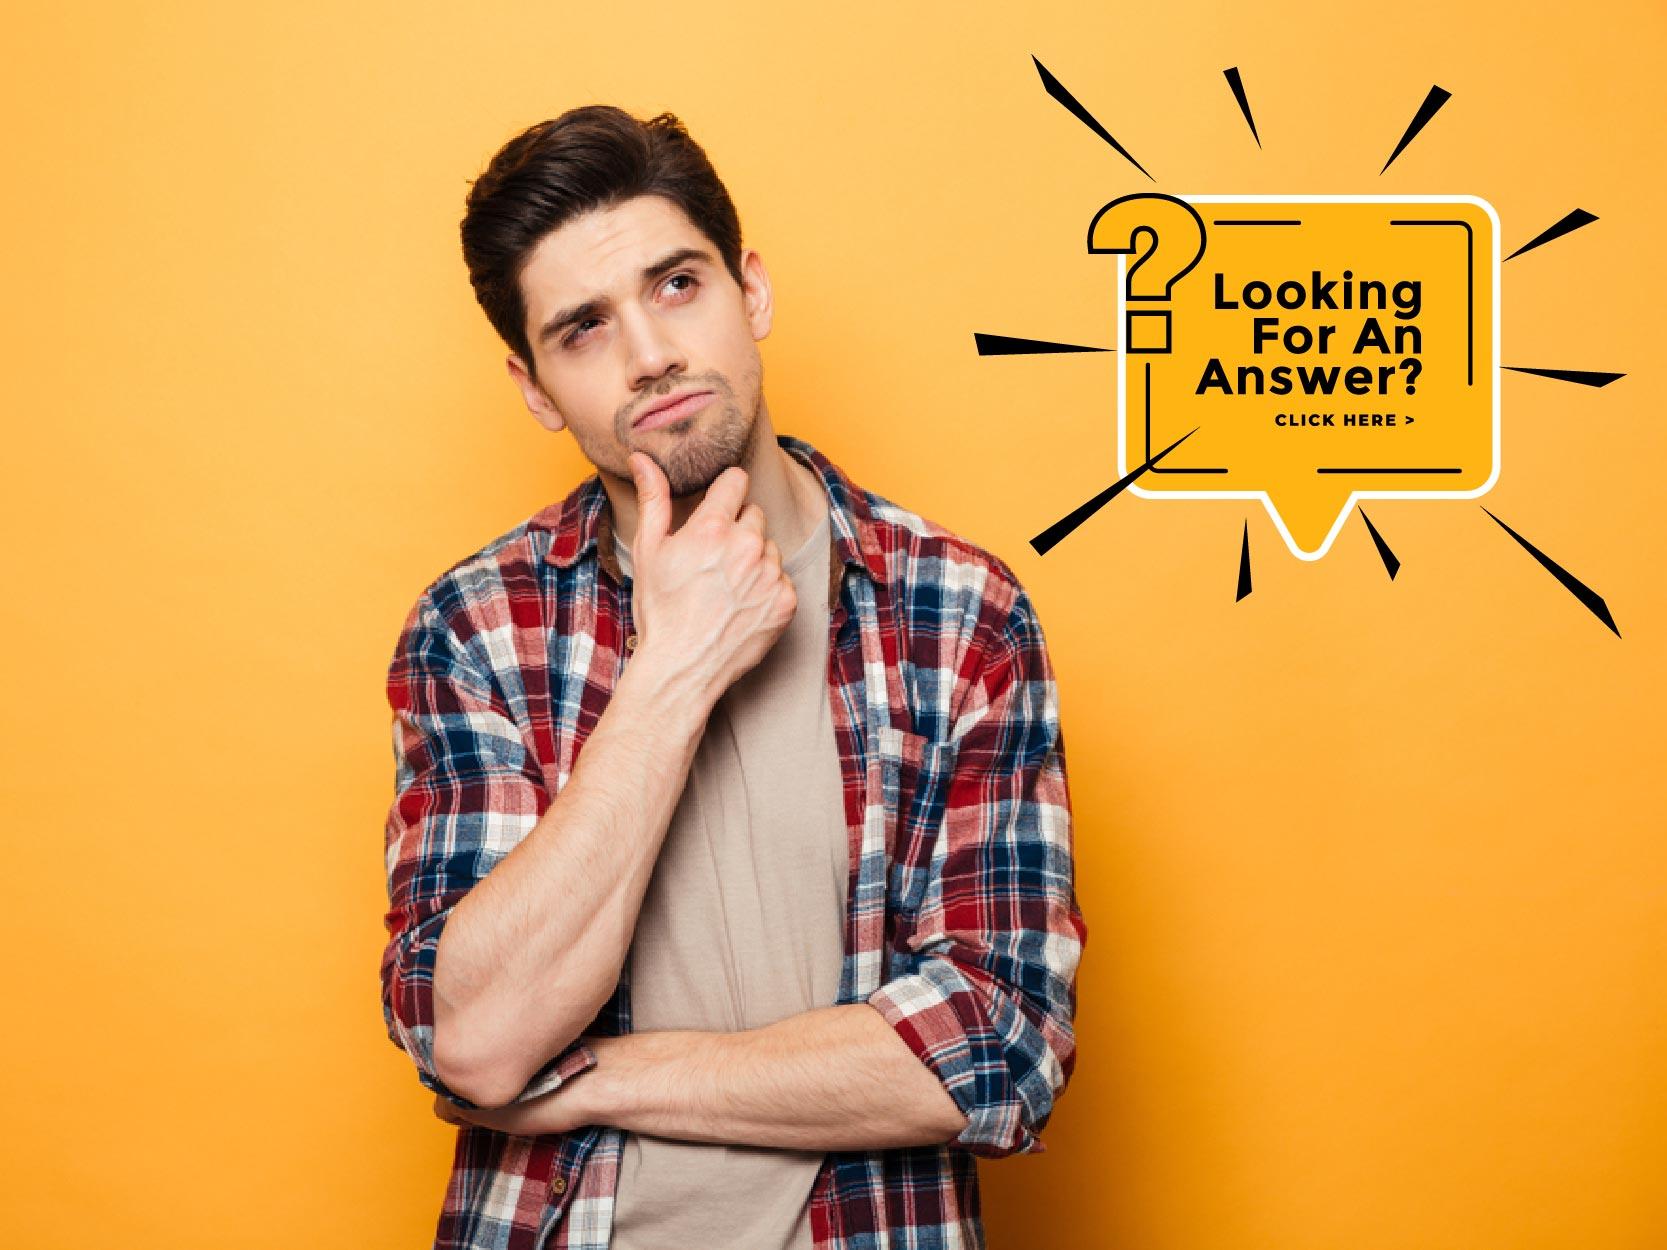 الاسئلة الاكثر شيوعا